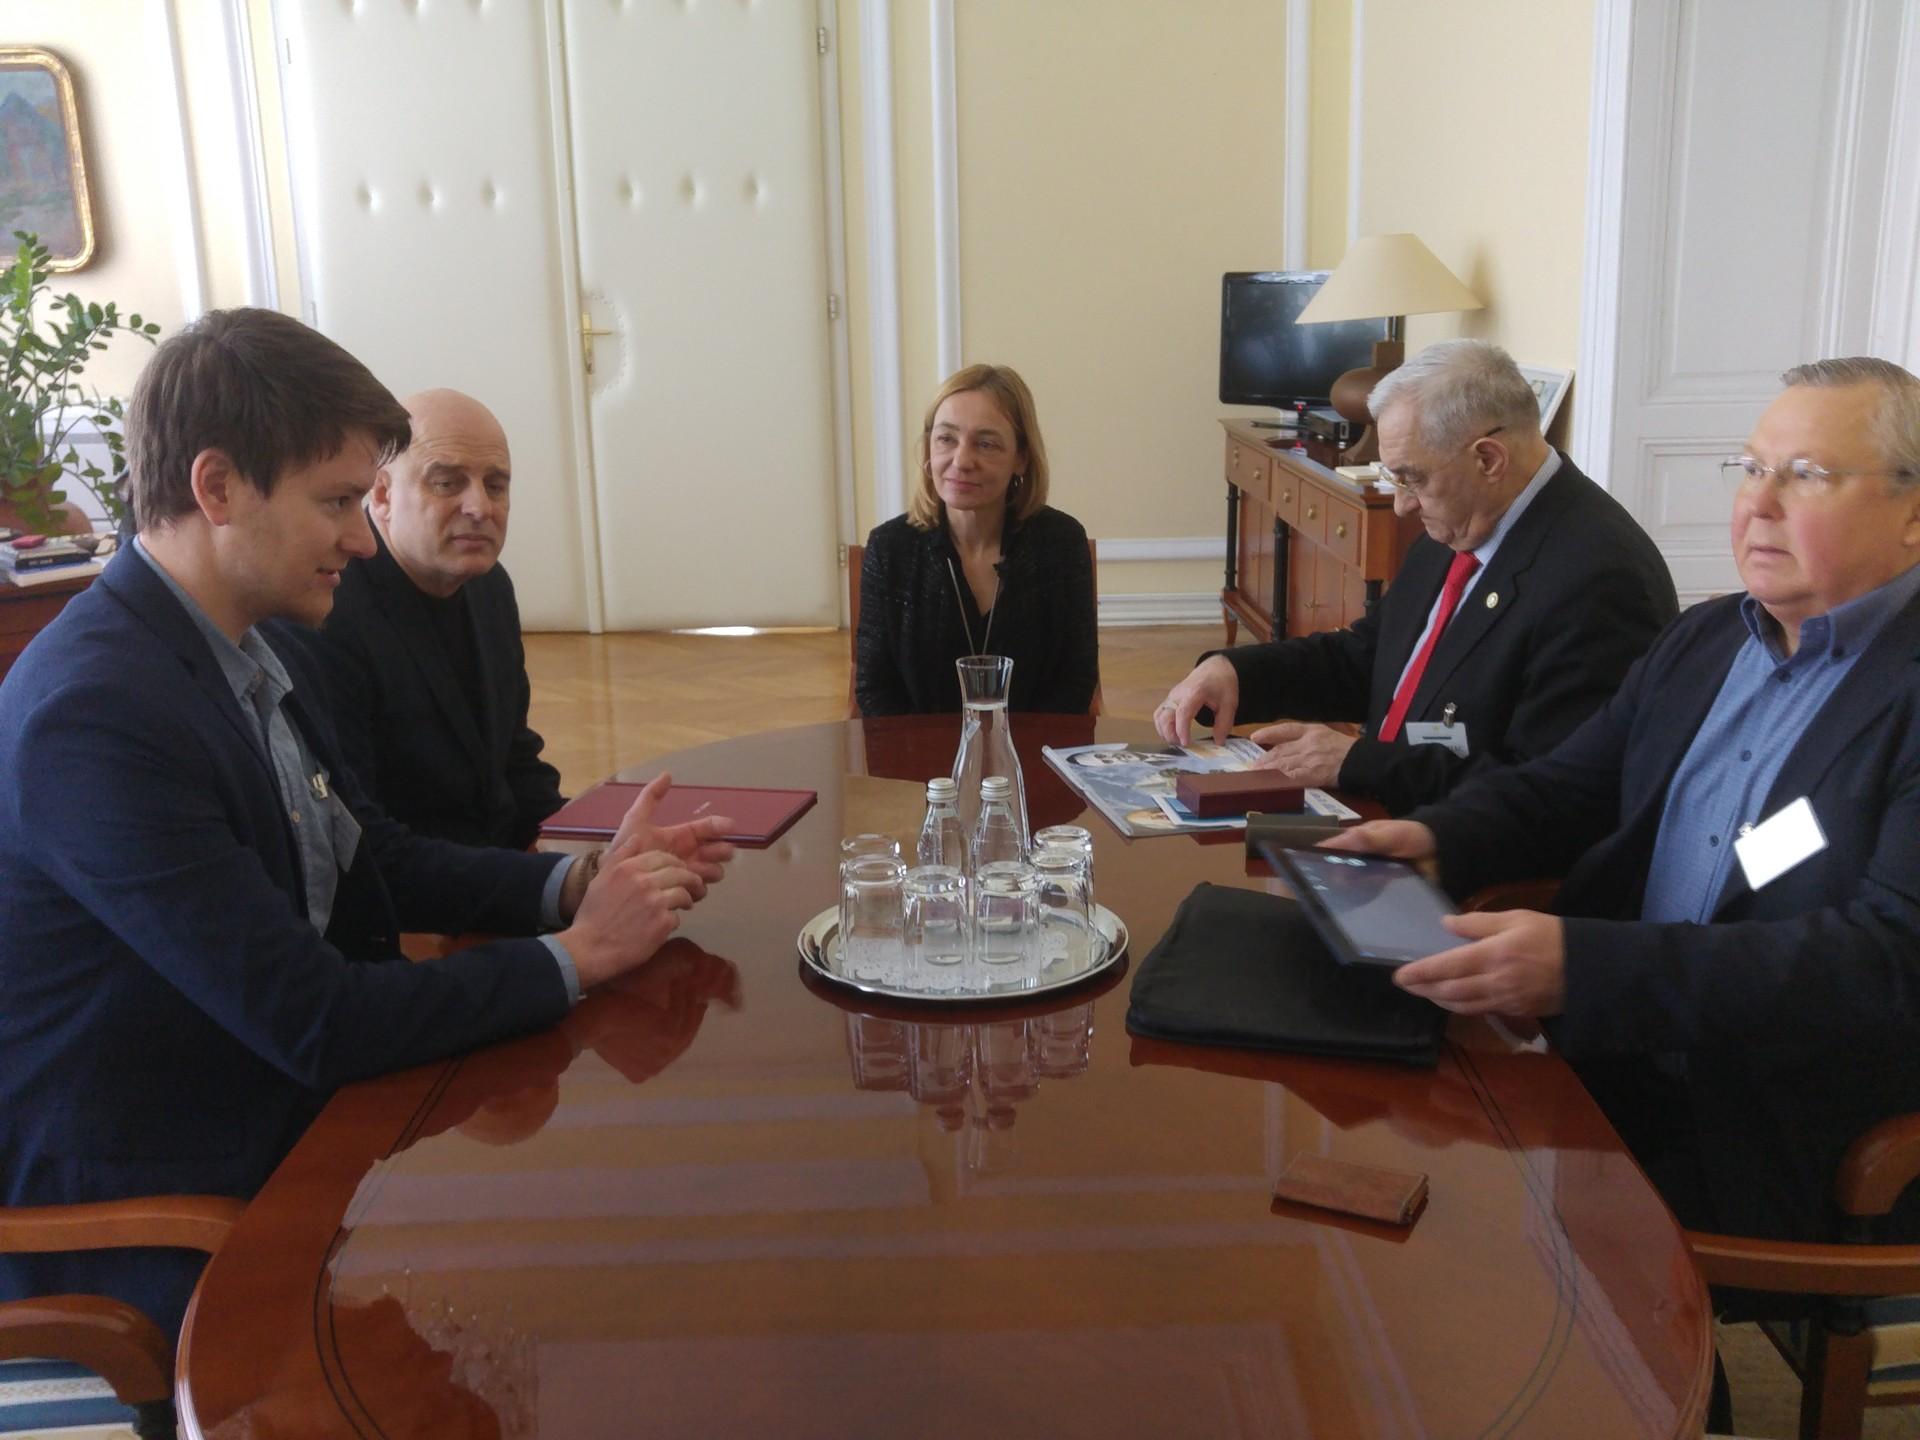 Sprejem in pogovor na Uradu predsednika Republike Slovenije.